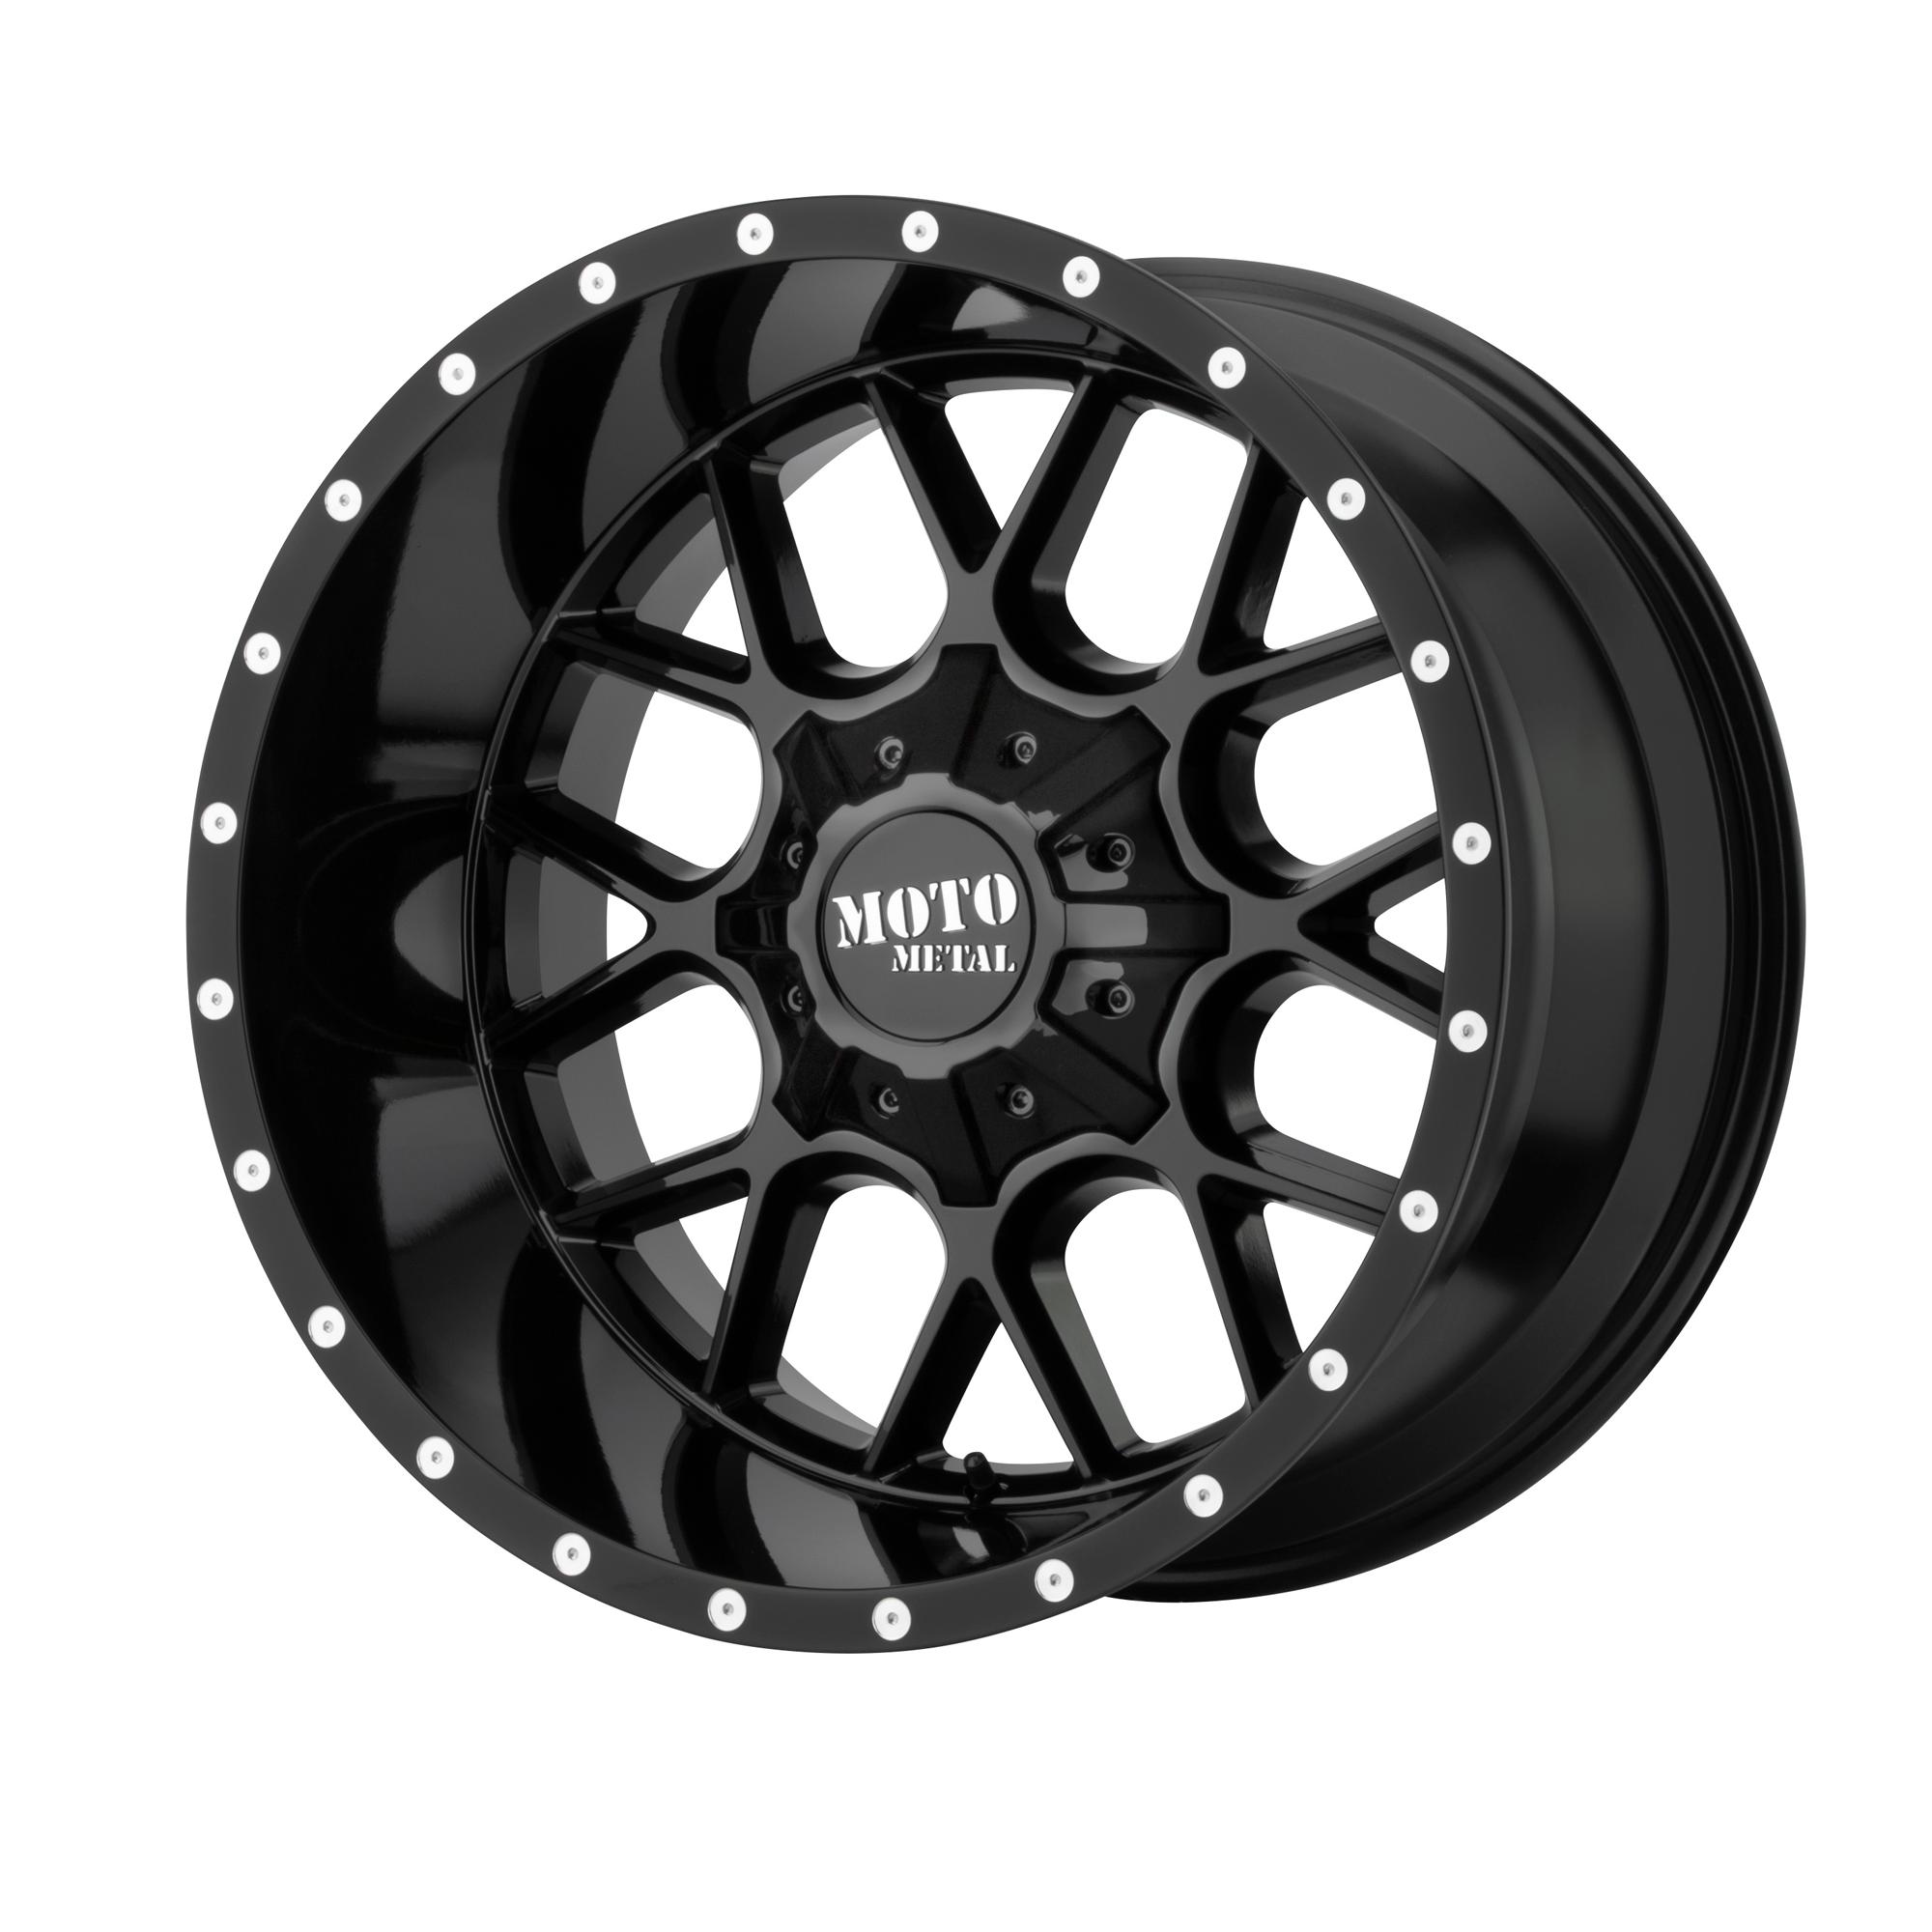 MOTO METAL MO986 SIEGE hliníkové disky 10x22 6x135 ET12 Gloss Black